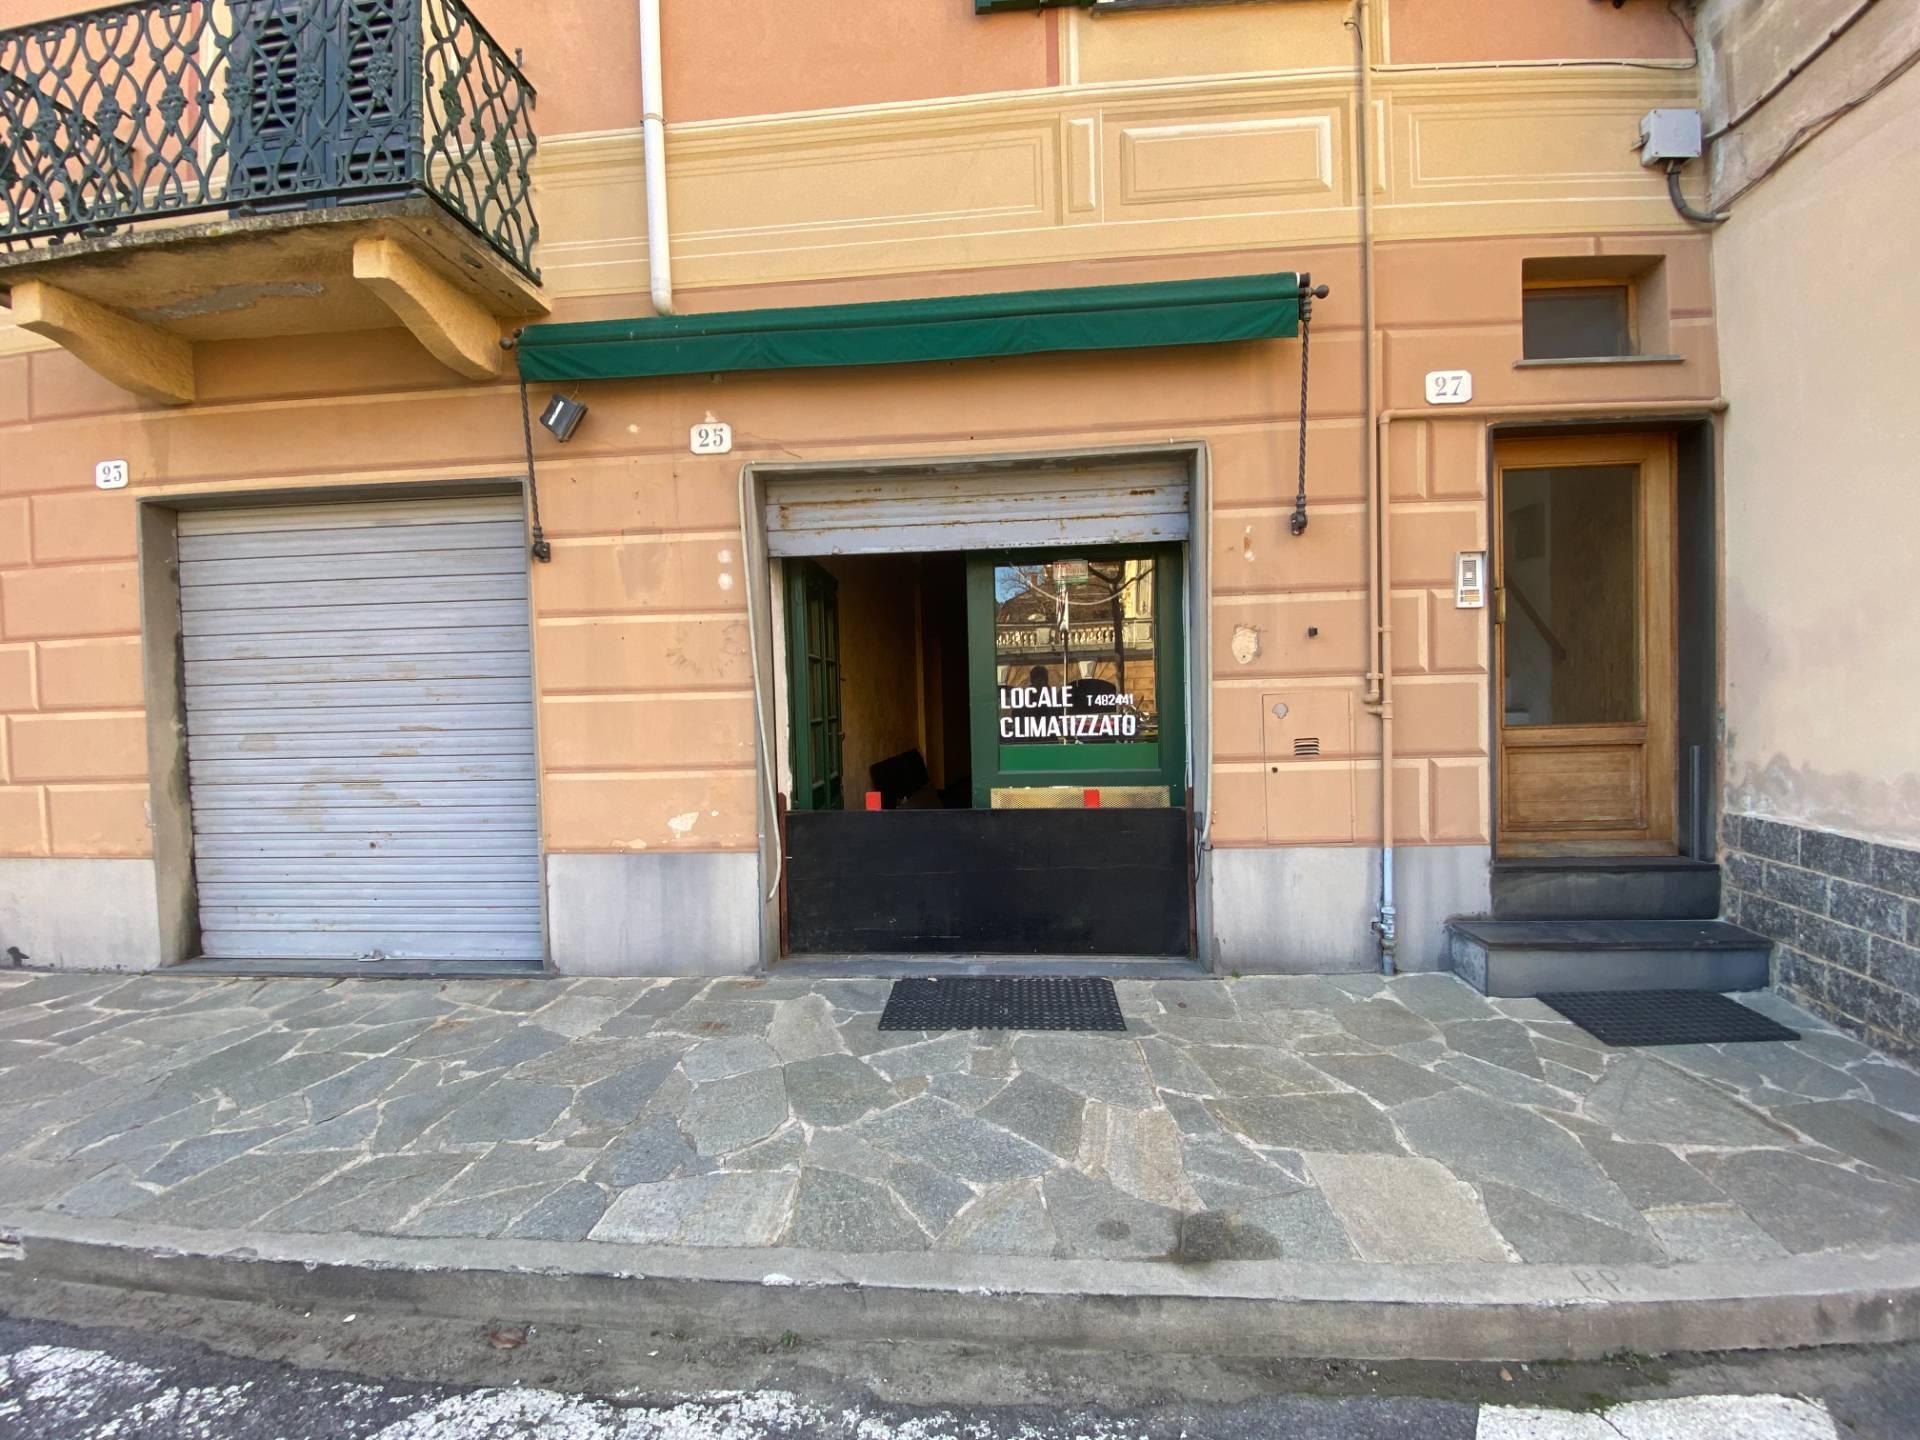 Negozio / Locale in affitto a Albisola Superiore, 9999 locali, prezzo € 600 | PortaleAgenzieImmobiliari.it